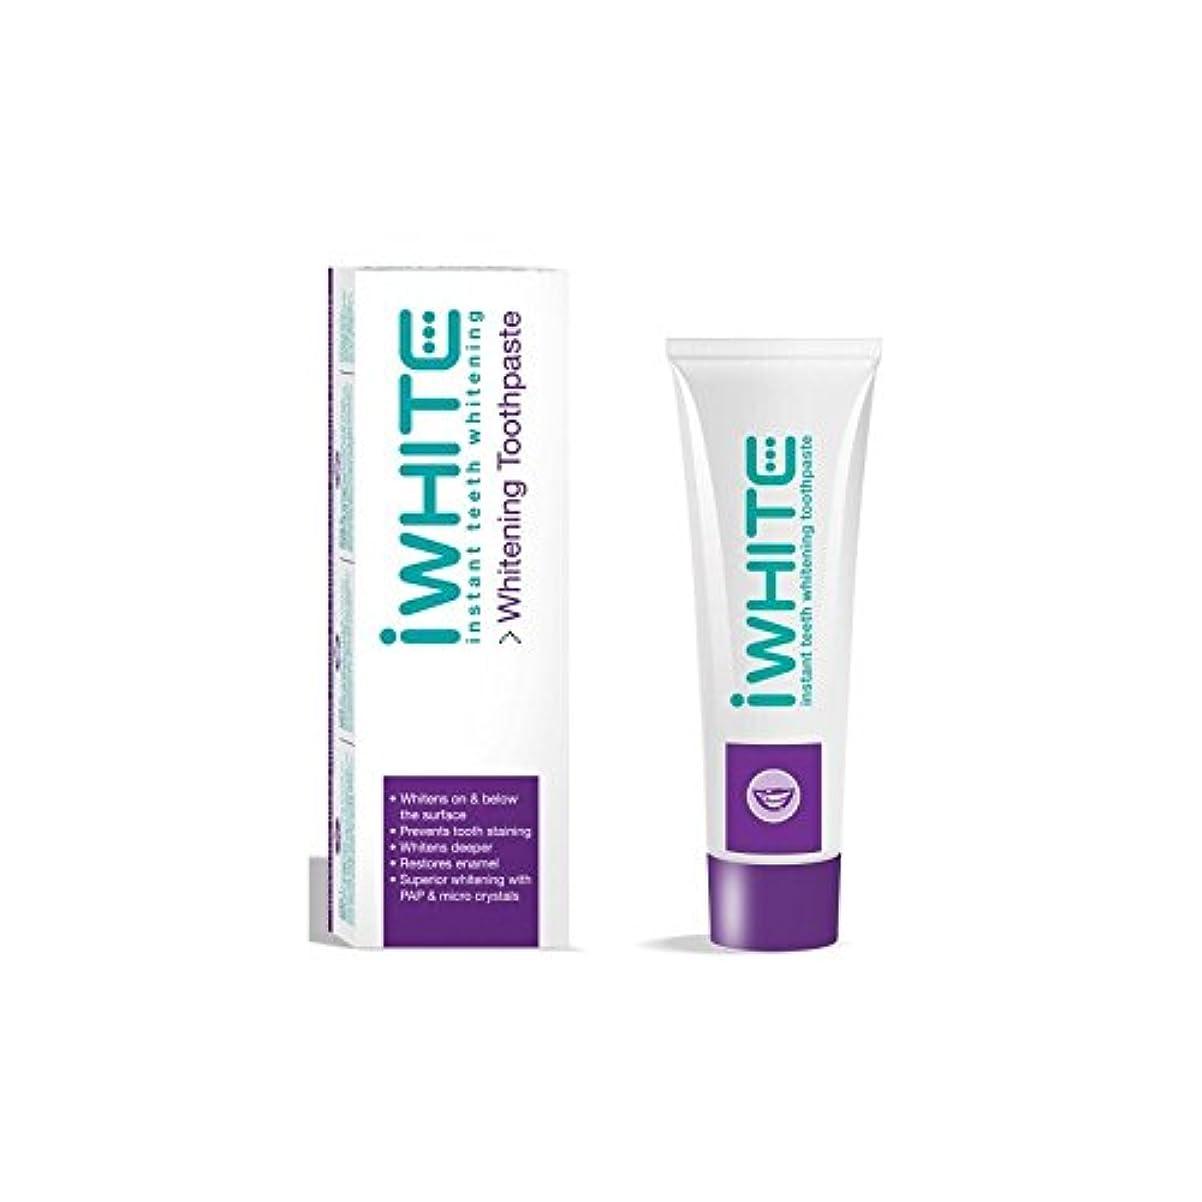 とまり木補足アーティファクト歯磨き粉を白くインスタント歯(75ミリリットル) x2 - iWhite Instant Teeth Whitening Toothpaste (75ml) (Pack of 2) [並行輸入品]